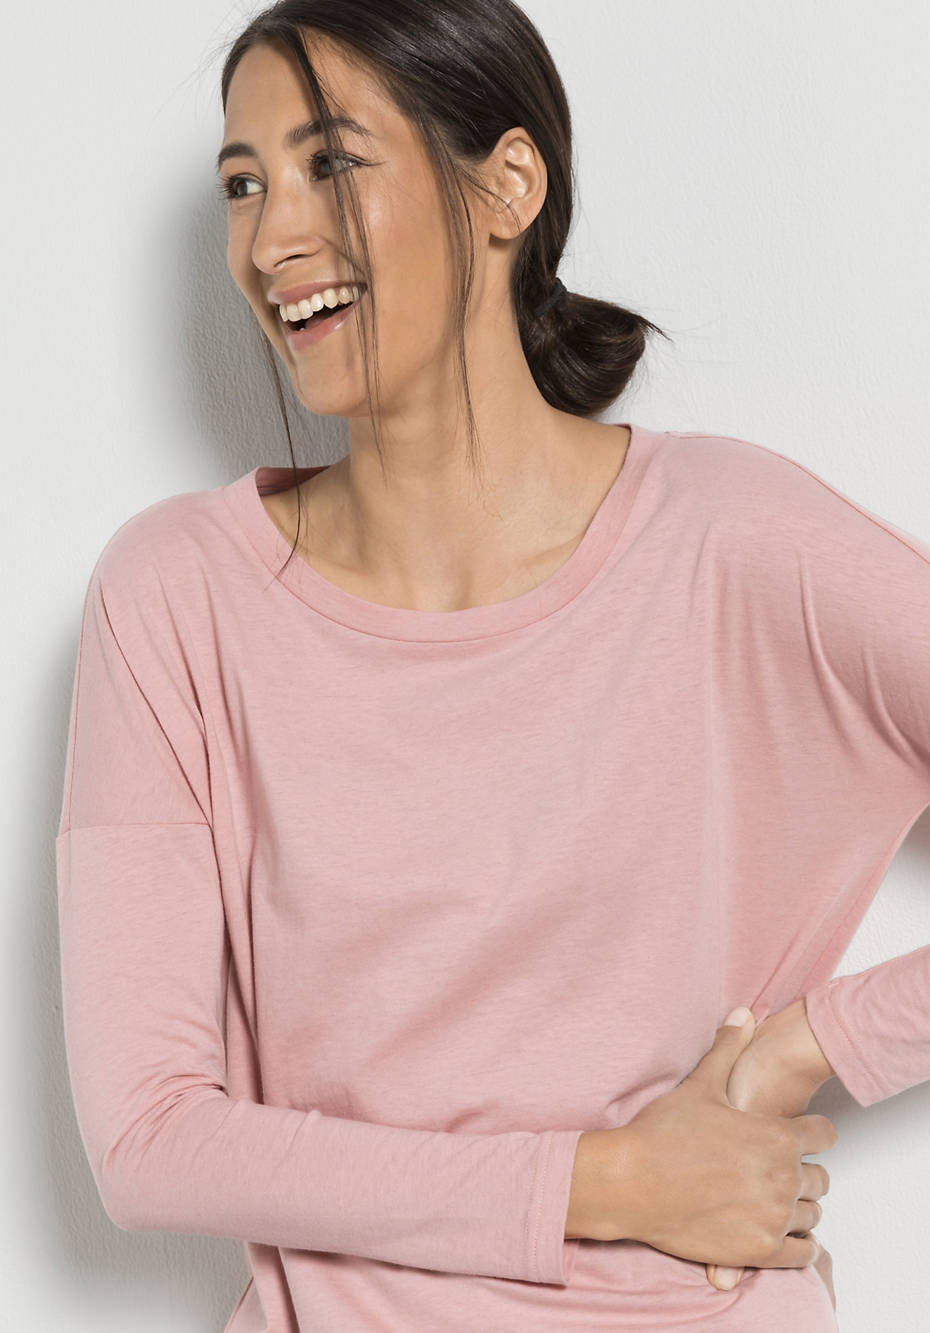 Damem Langarm-Shirt aus Bio-Baumwolle mit Schurwolle